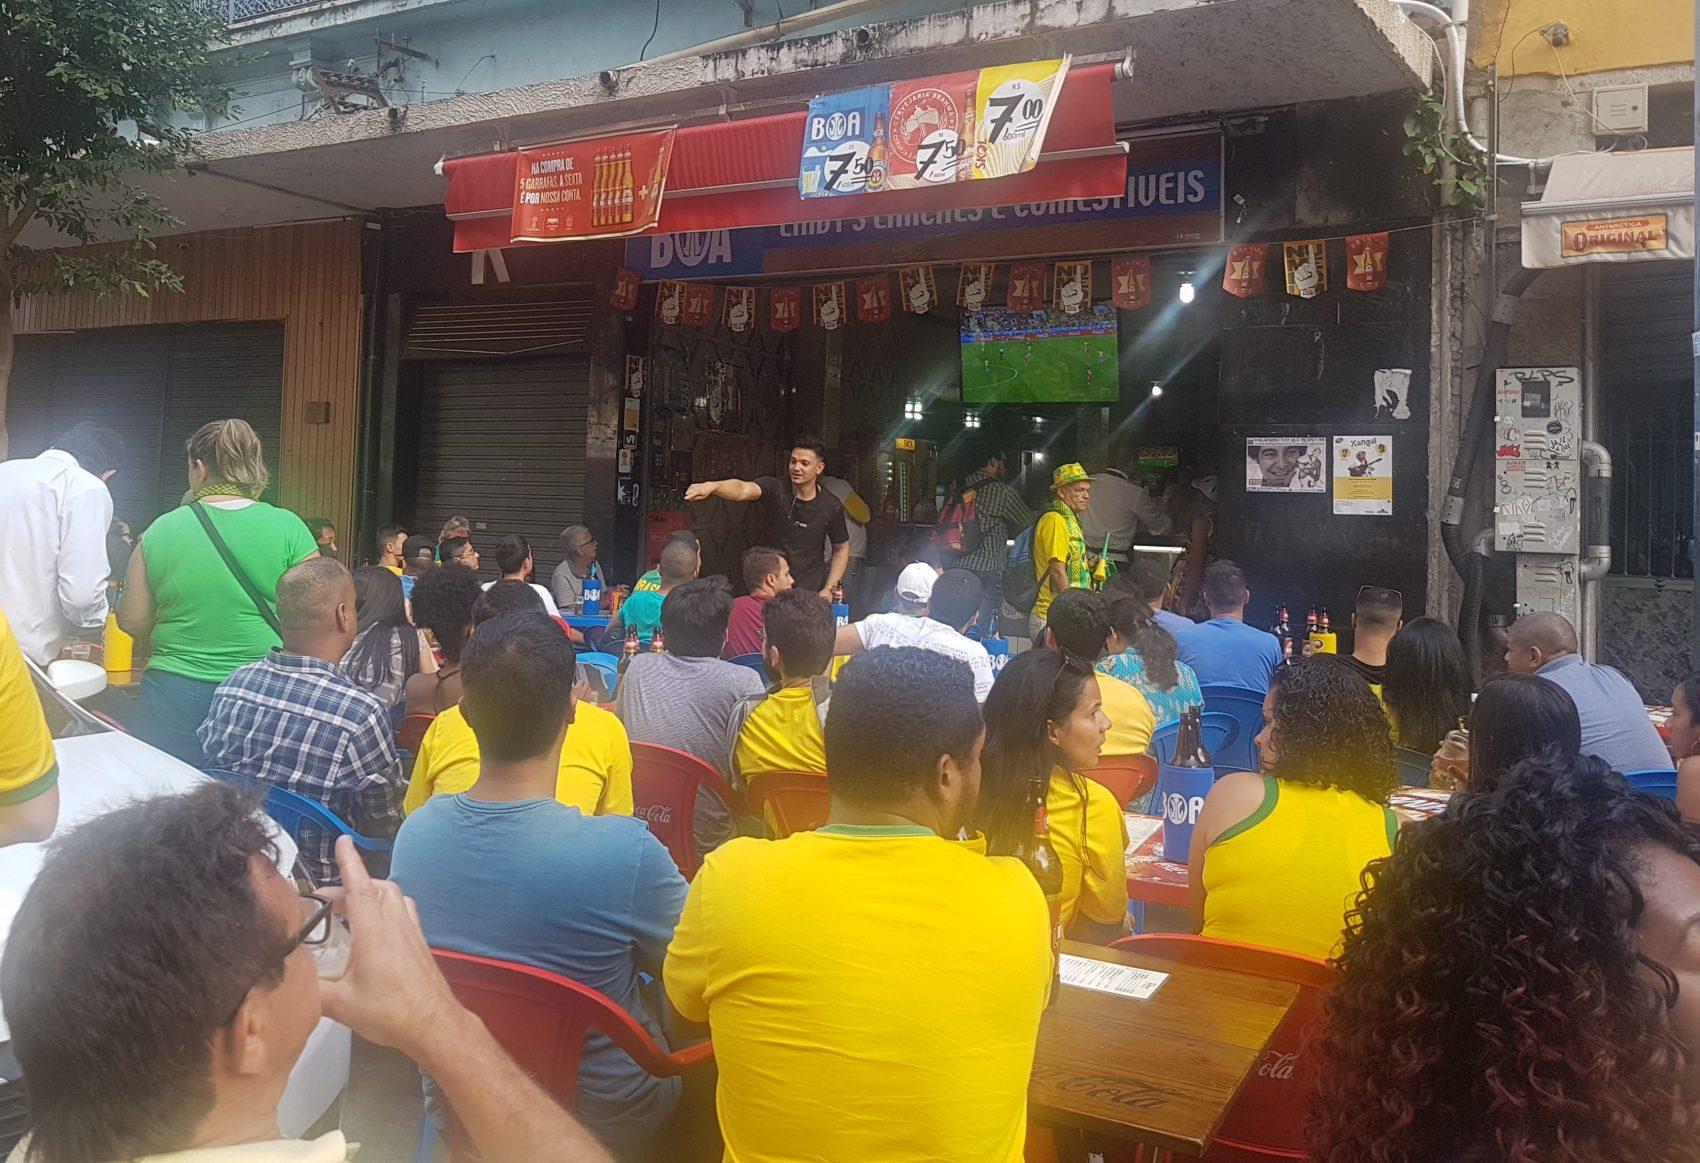 Em bares da Sacadura Cabral, torcida concentrada (Foto Oscar Valporto)